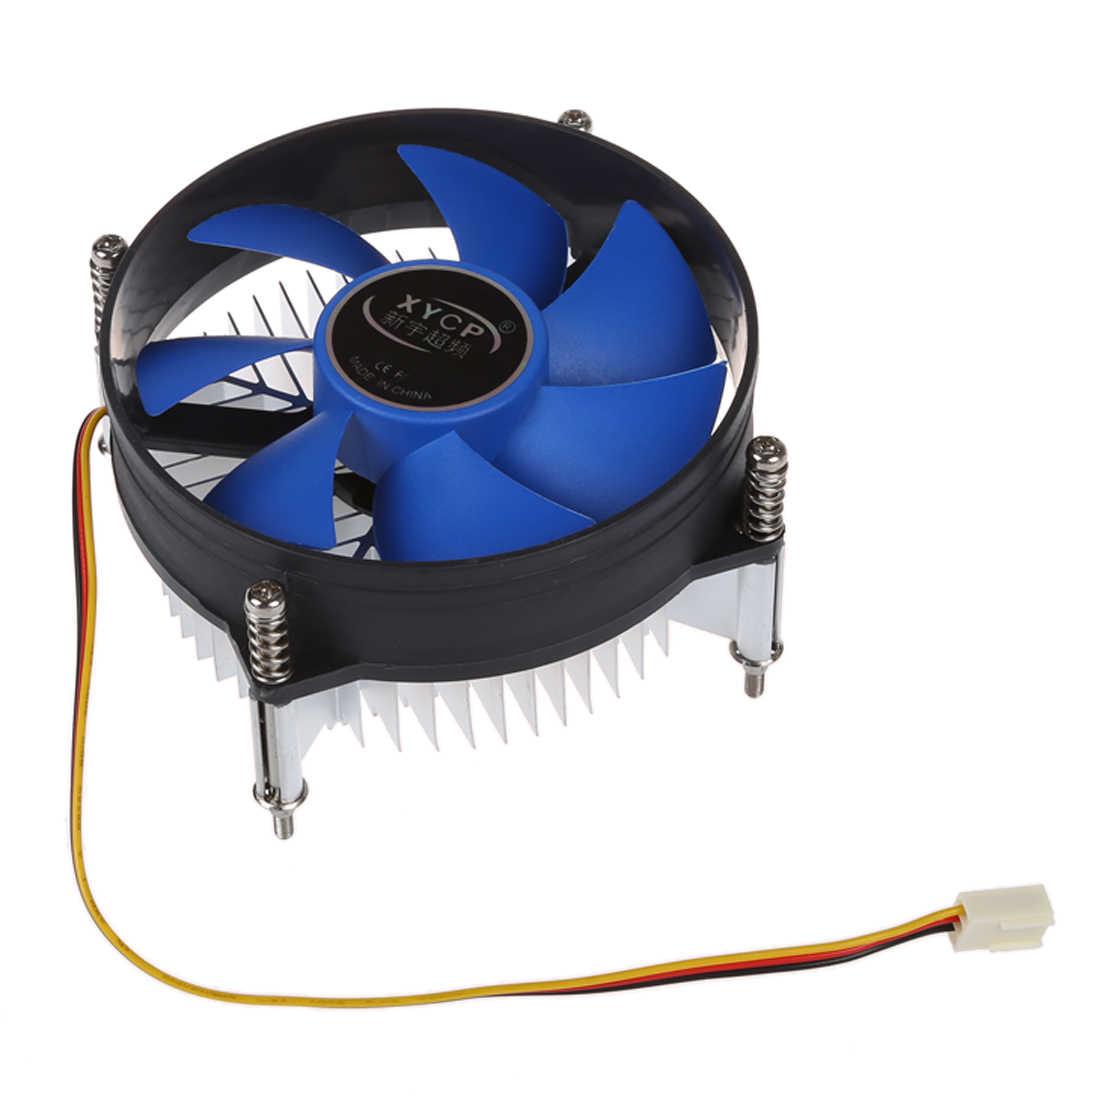 XYCP Bộ Vi Xử Lý Làm Mát CPU Tản Nhiệt cho 65W Socket Intel LGA 1155/1156 Core i3/i5/i7 Xanh Dương